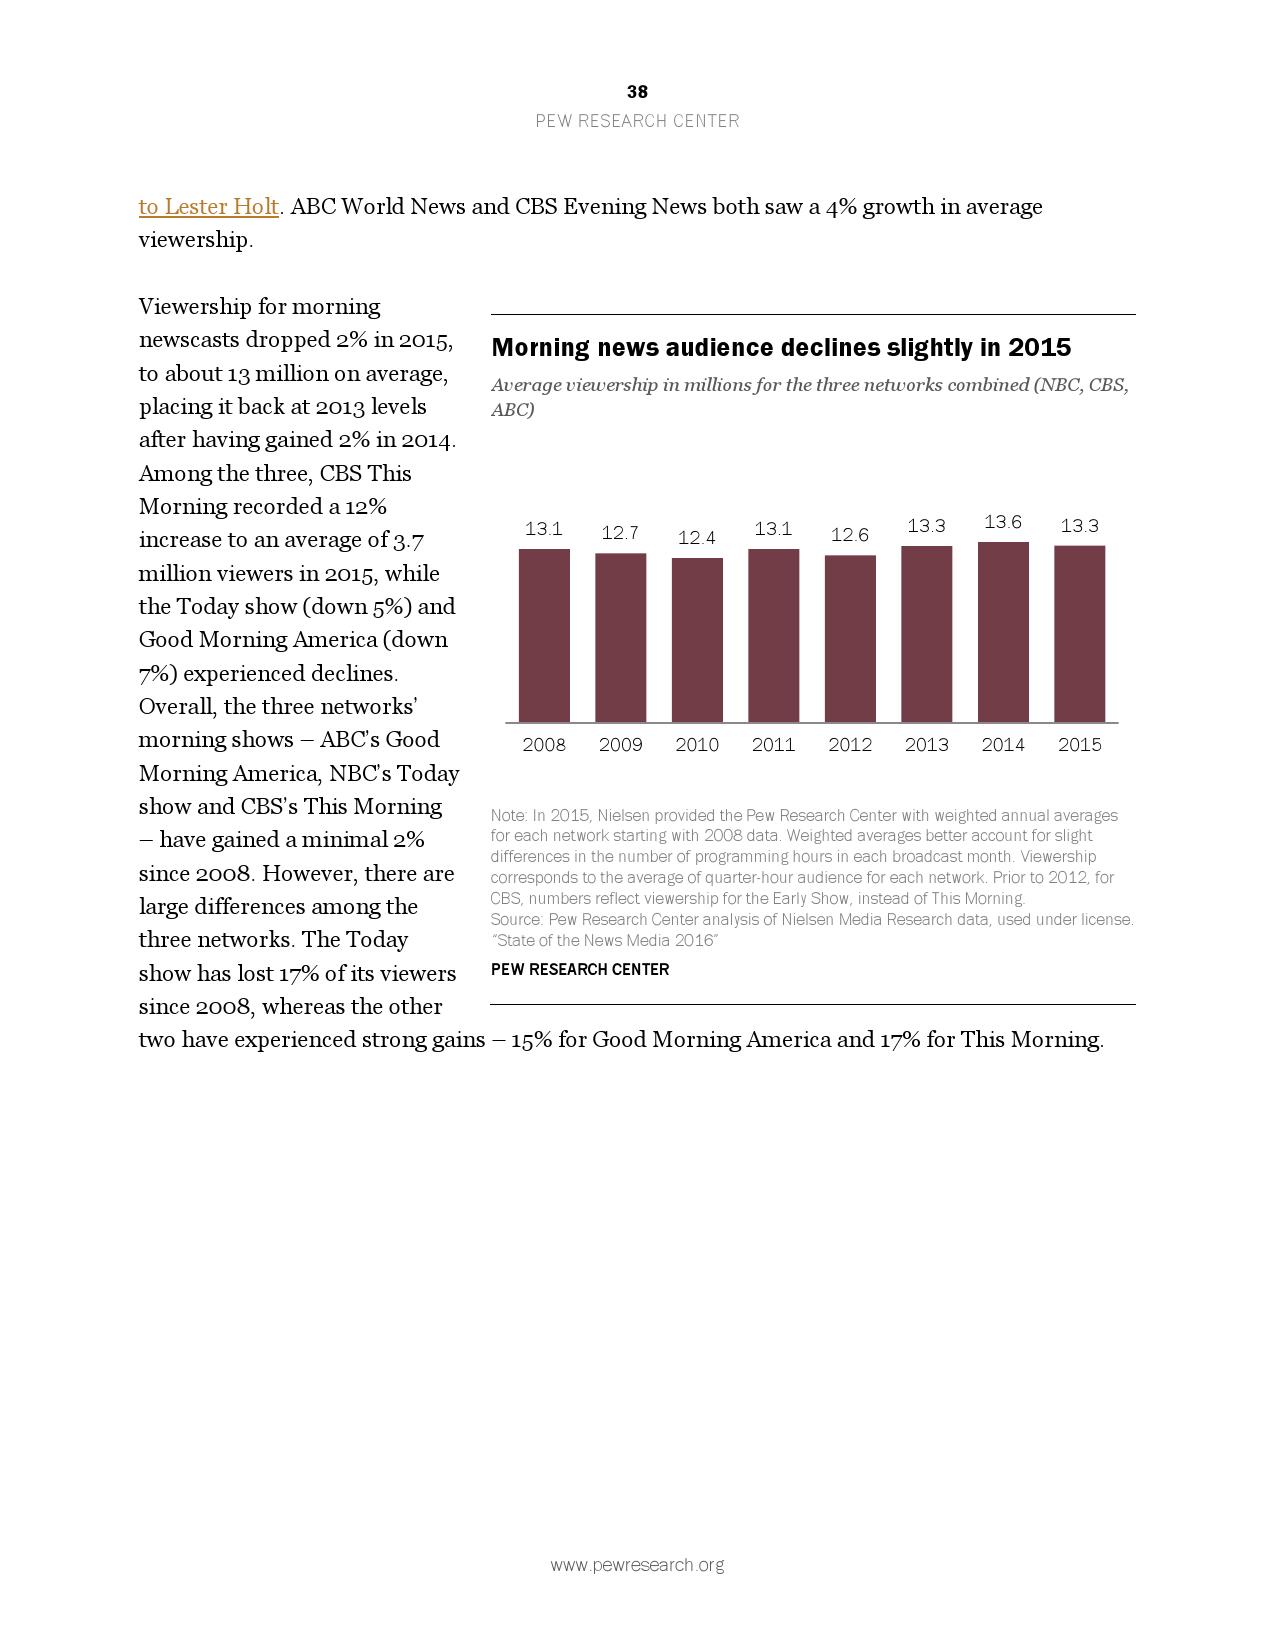 2016美国新媒体研究报告_000038